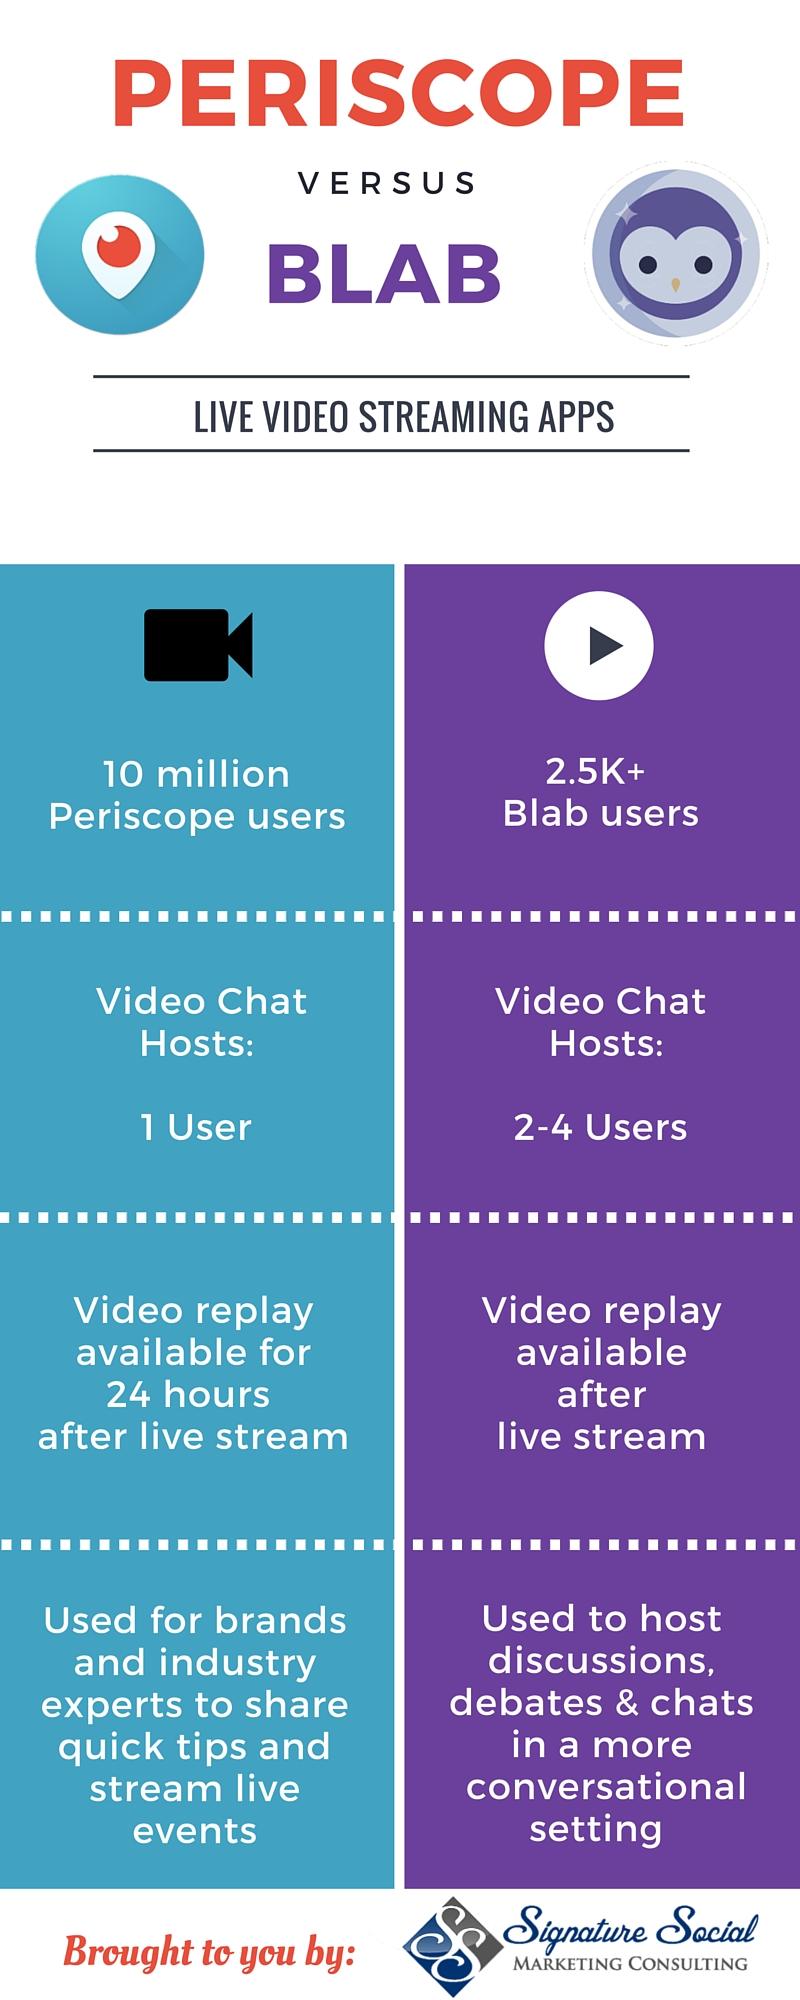 periscope-versus-blab-infographic-signature-social